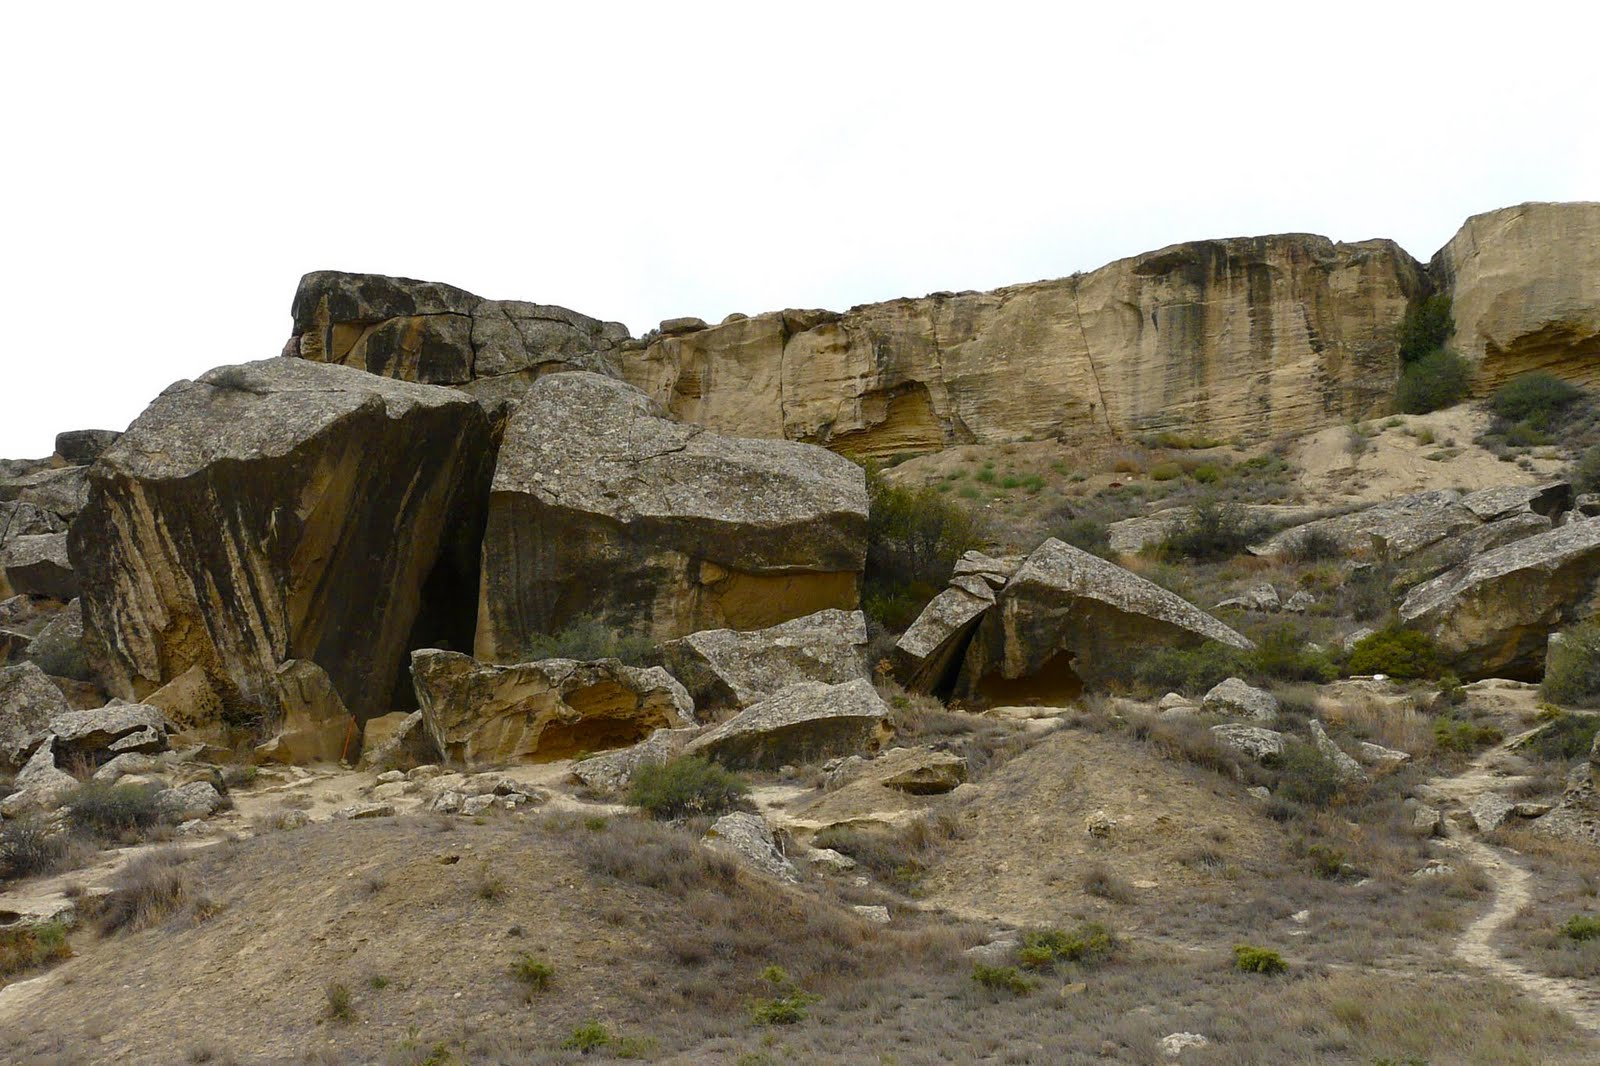 جوبوستان ومتعه البراكين الطينية